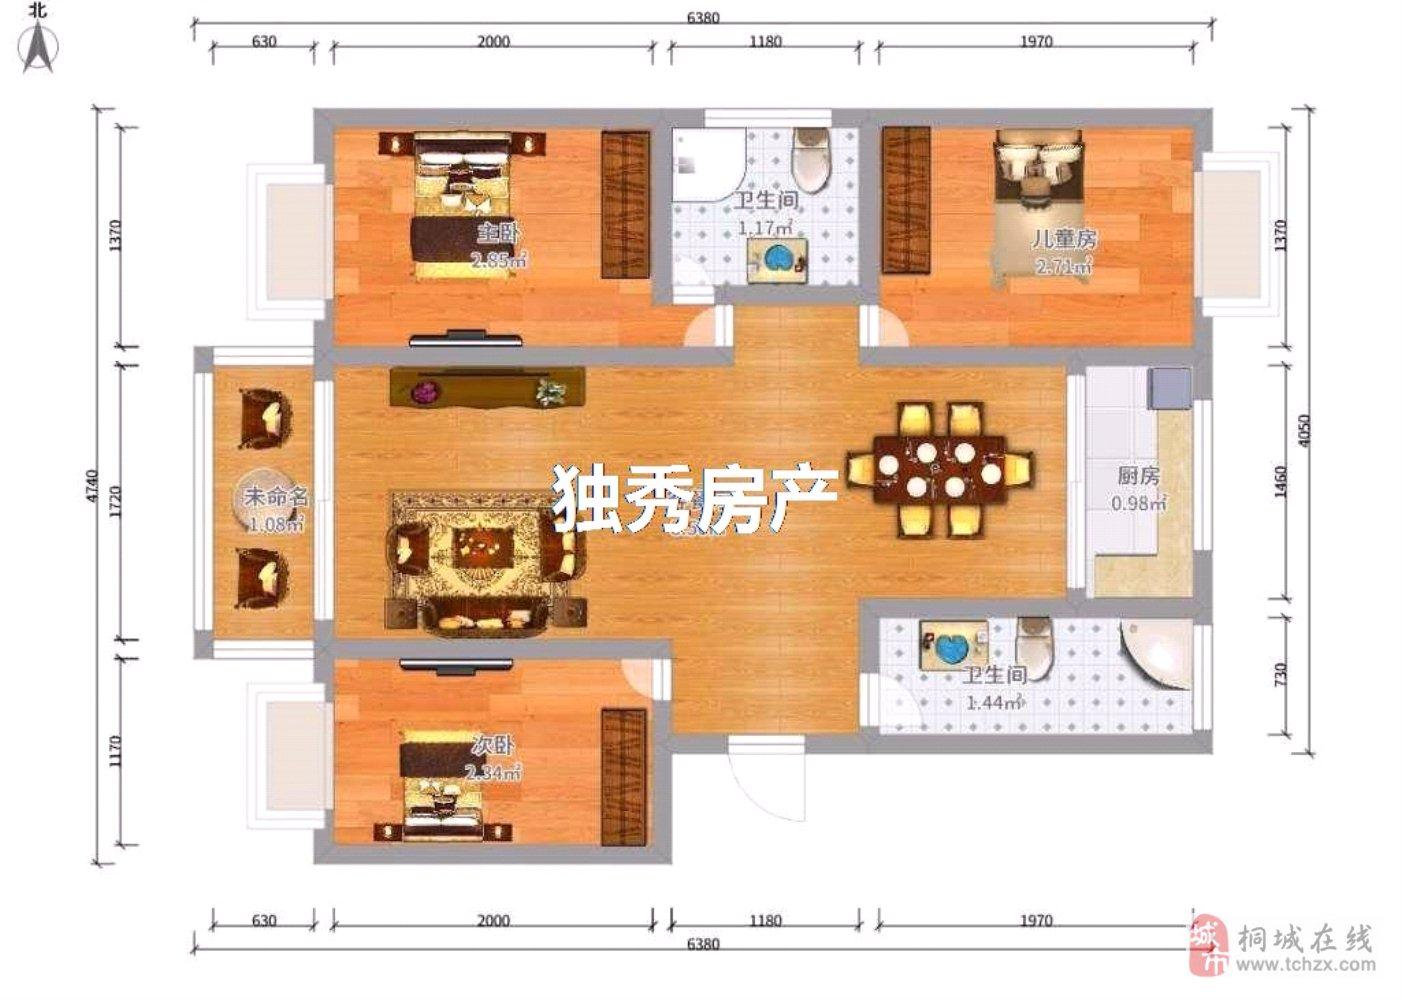 新东方世纪城3室2厅2卫83万元